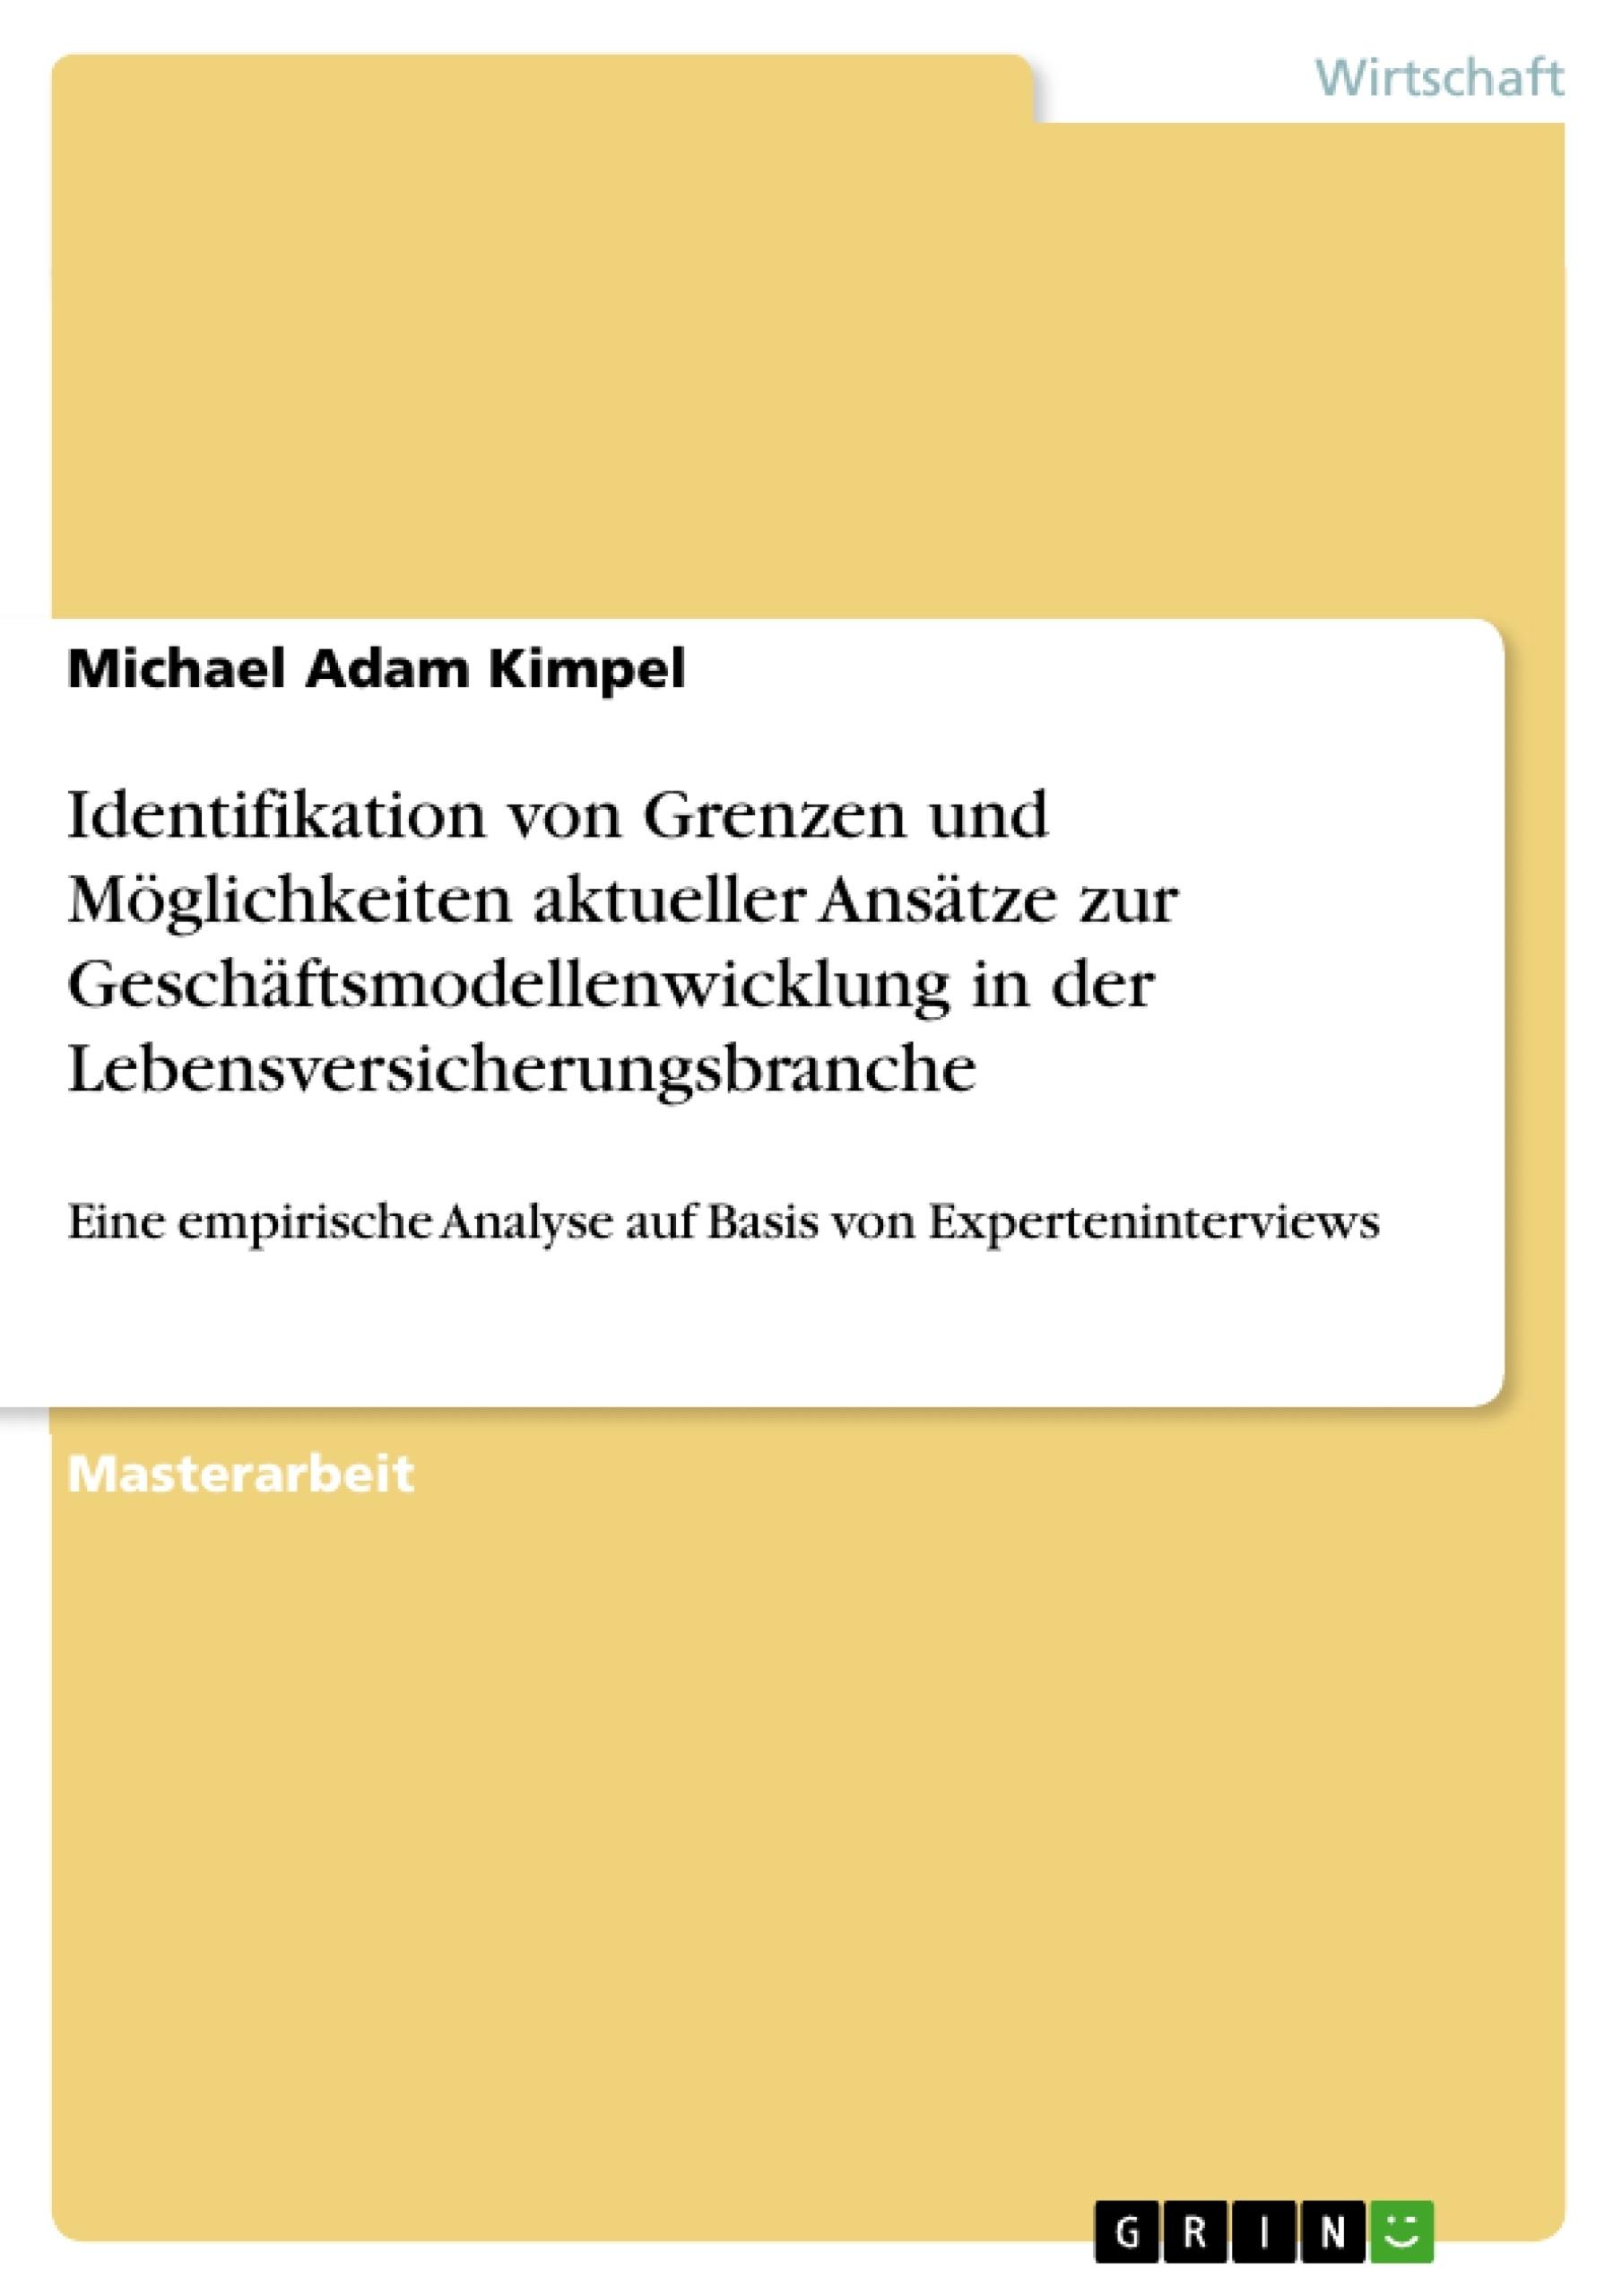 Titel: Identifikation von Grenzen und Möglichkeiten aktueller Ansätze zur Geschäftsmodellenwicklung in der Lebensversicherungsbranche